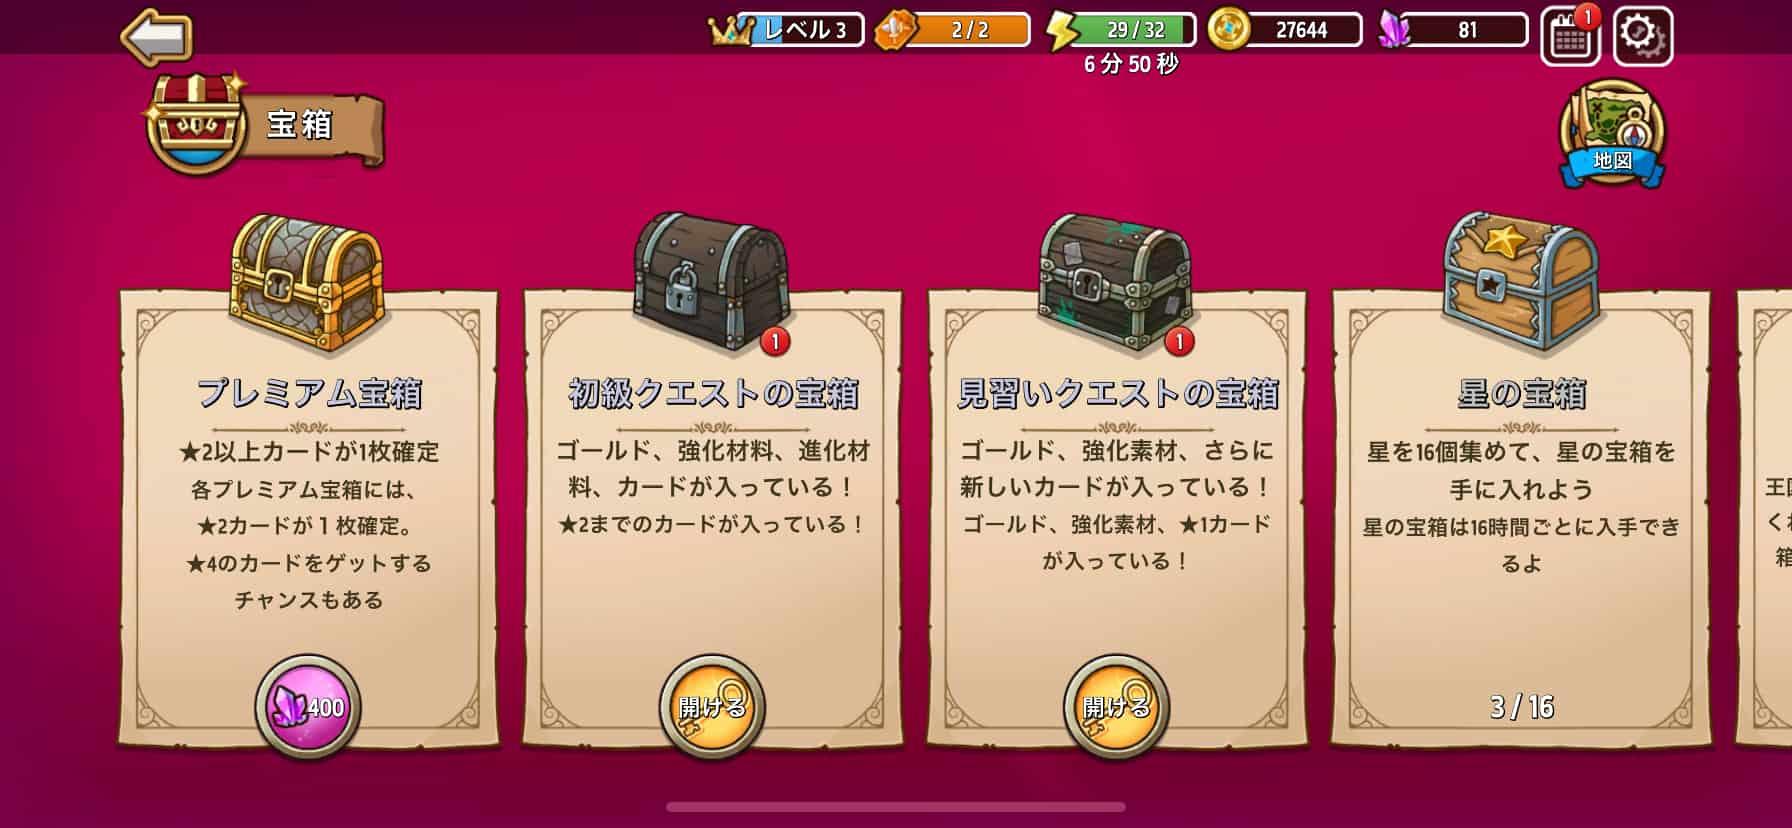 防衛ヒーロー物語、カード強化